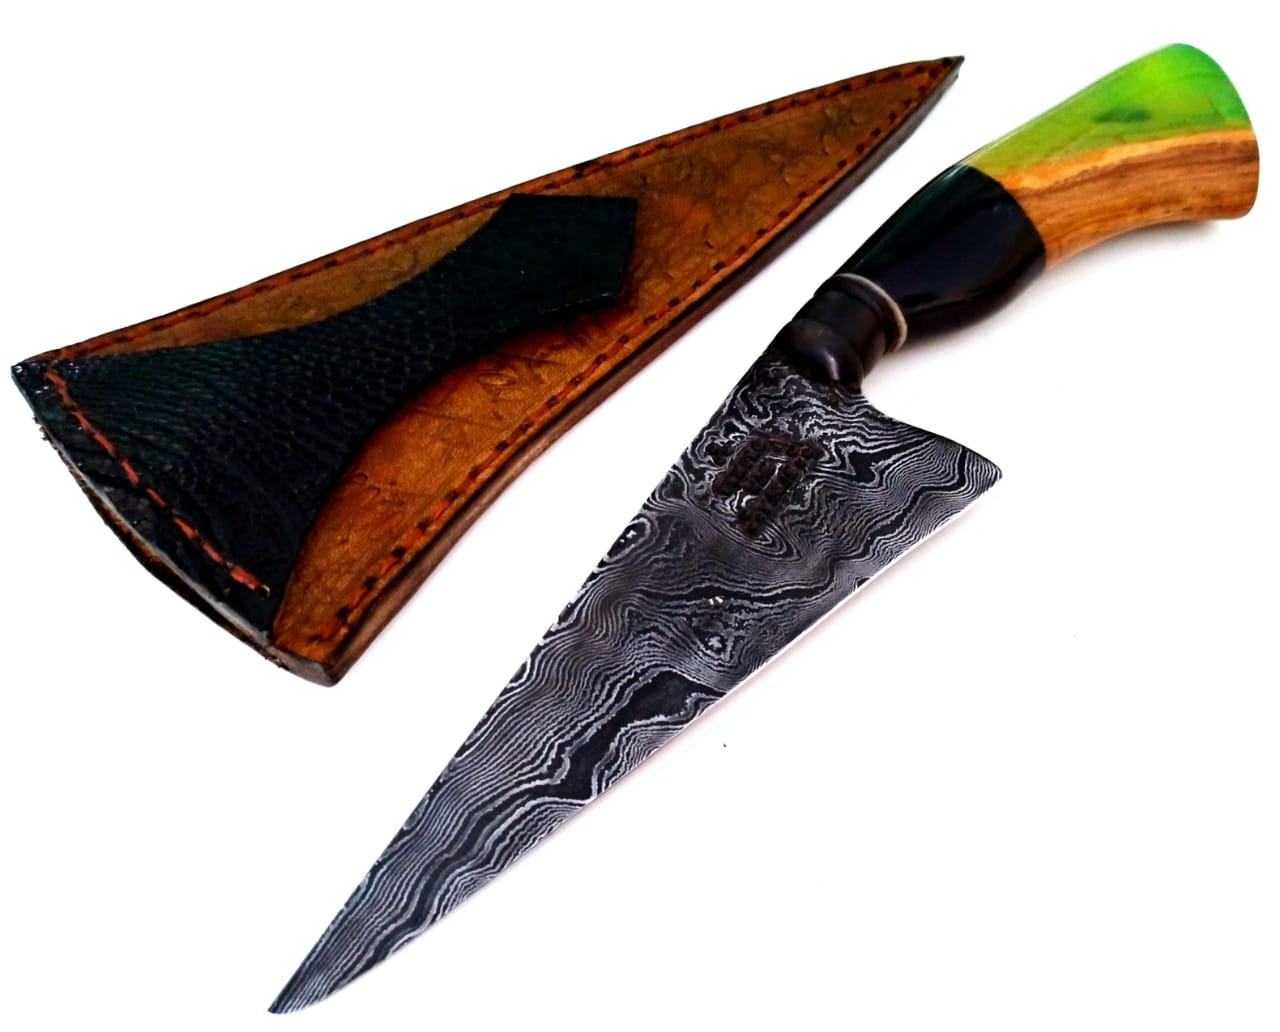 Faca artesanal forjada em aço de damasco padrão aleatório modificado estilo tesoura